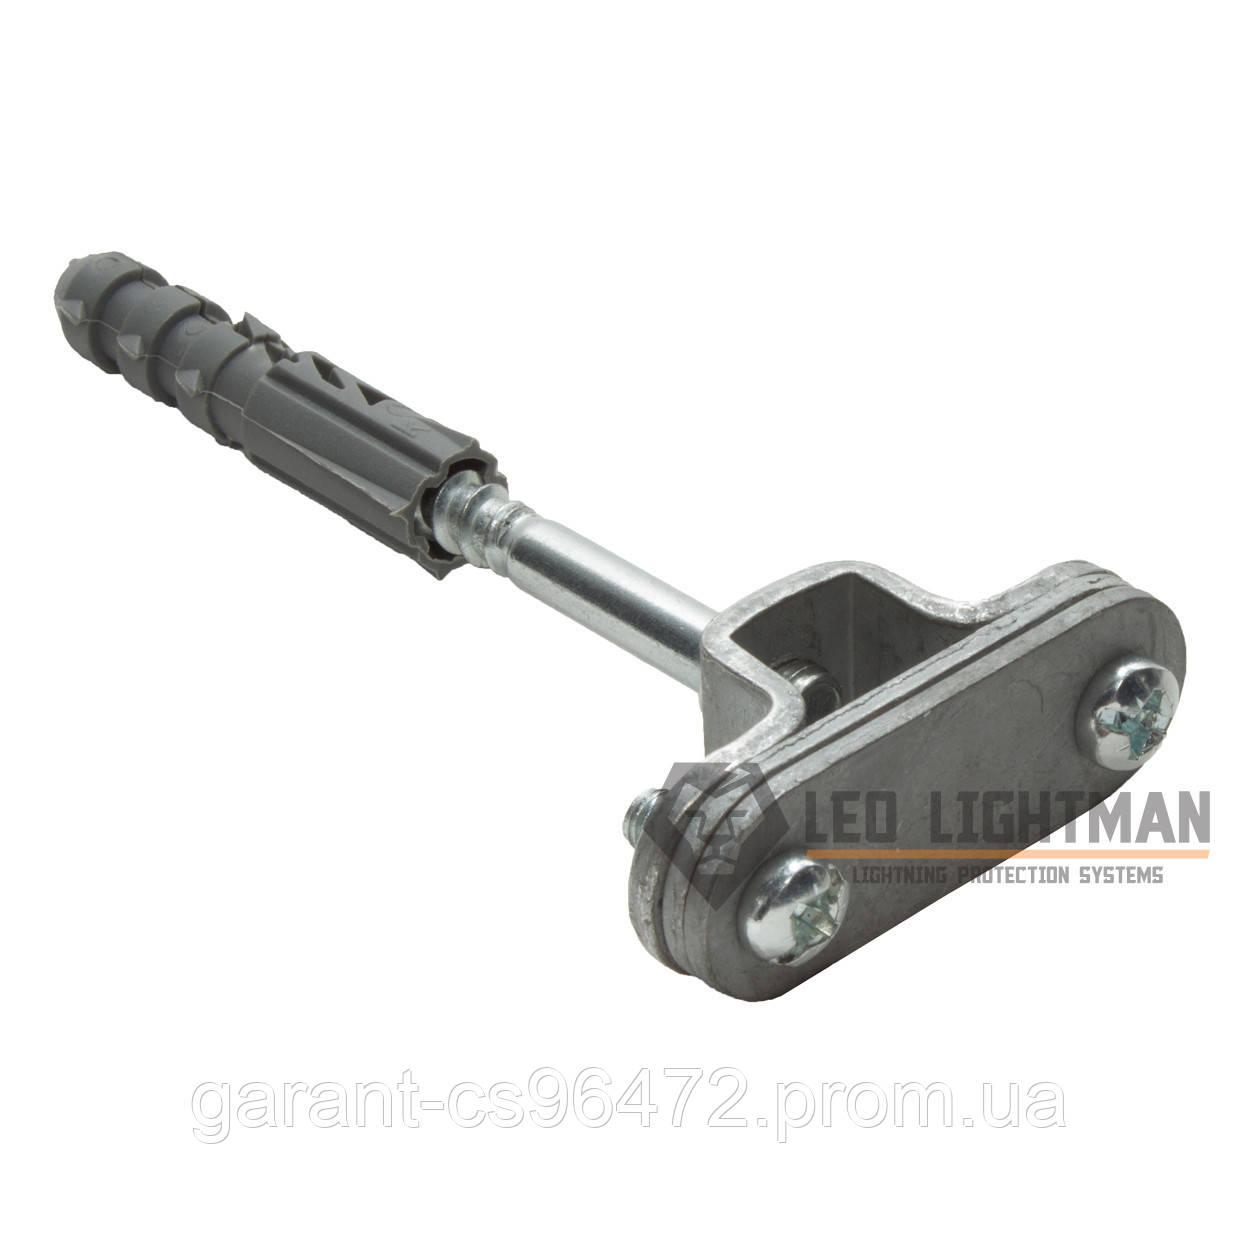 Держатель Fix для плоских проводников шириной до 30мм с дюбелем L160 St/tZn